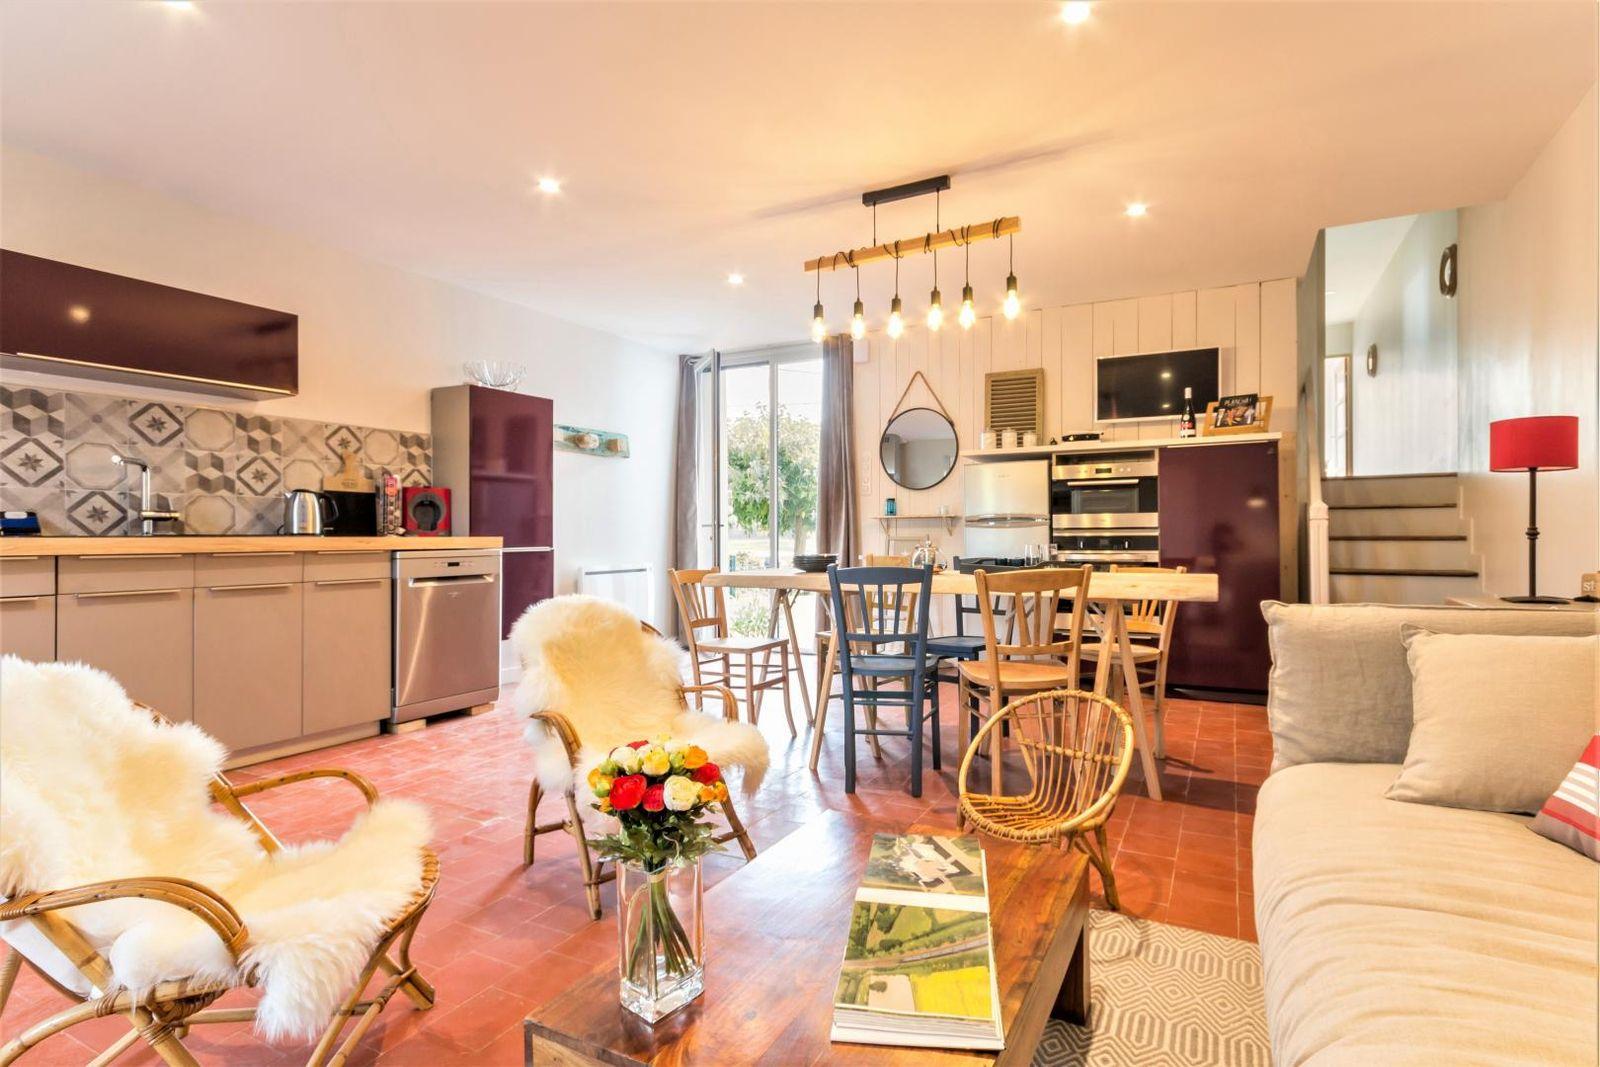 La cuisine ouverte sur l'espace de vie bénéficie d'une double exposition : côté Loire et côté jardin.